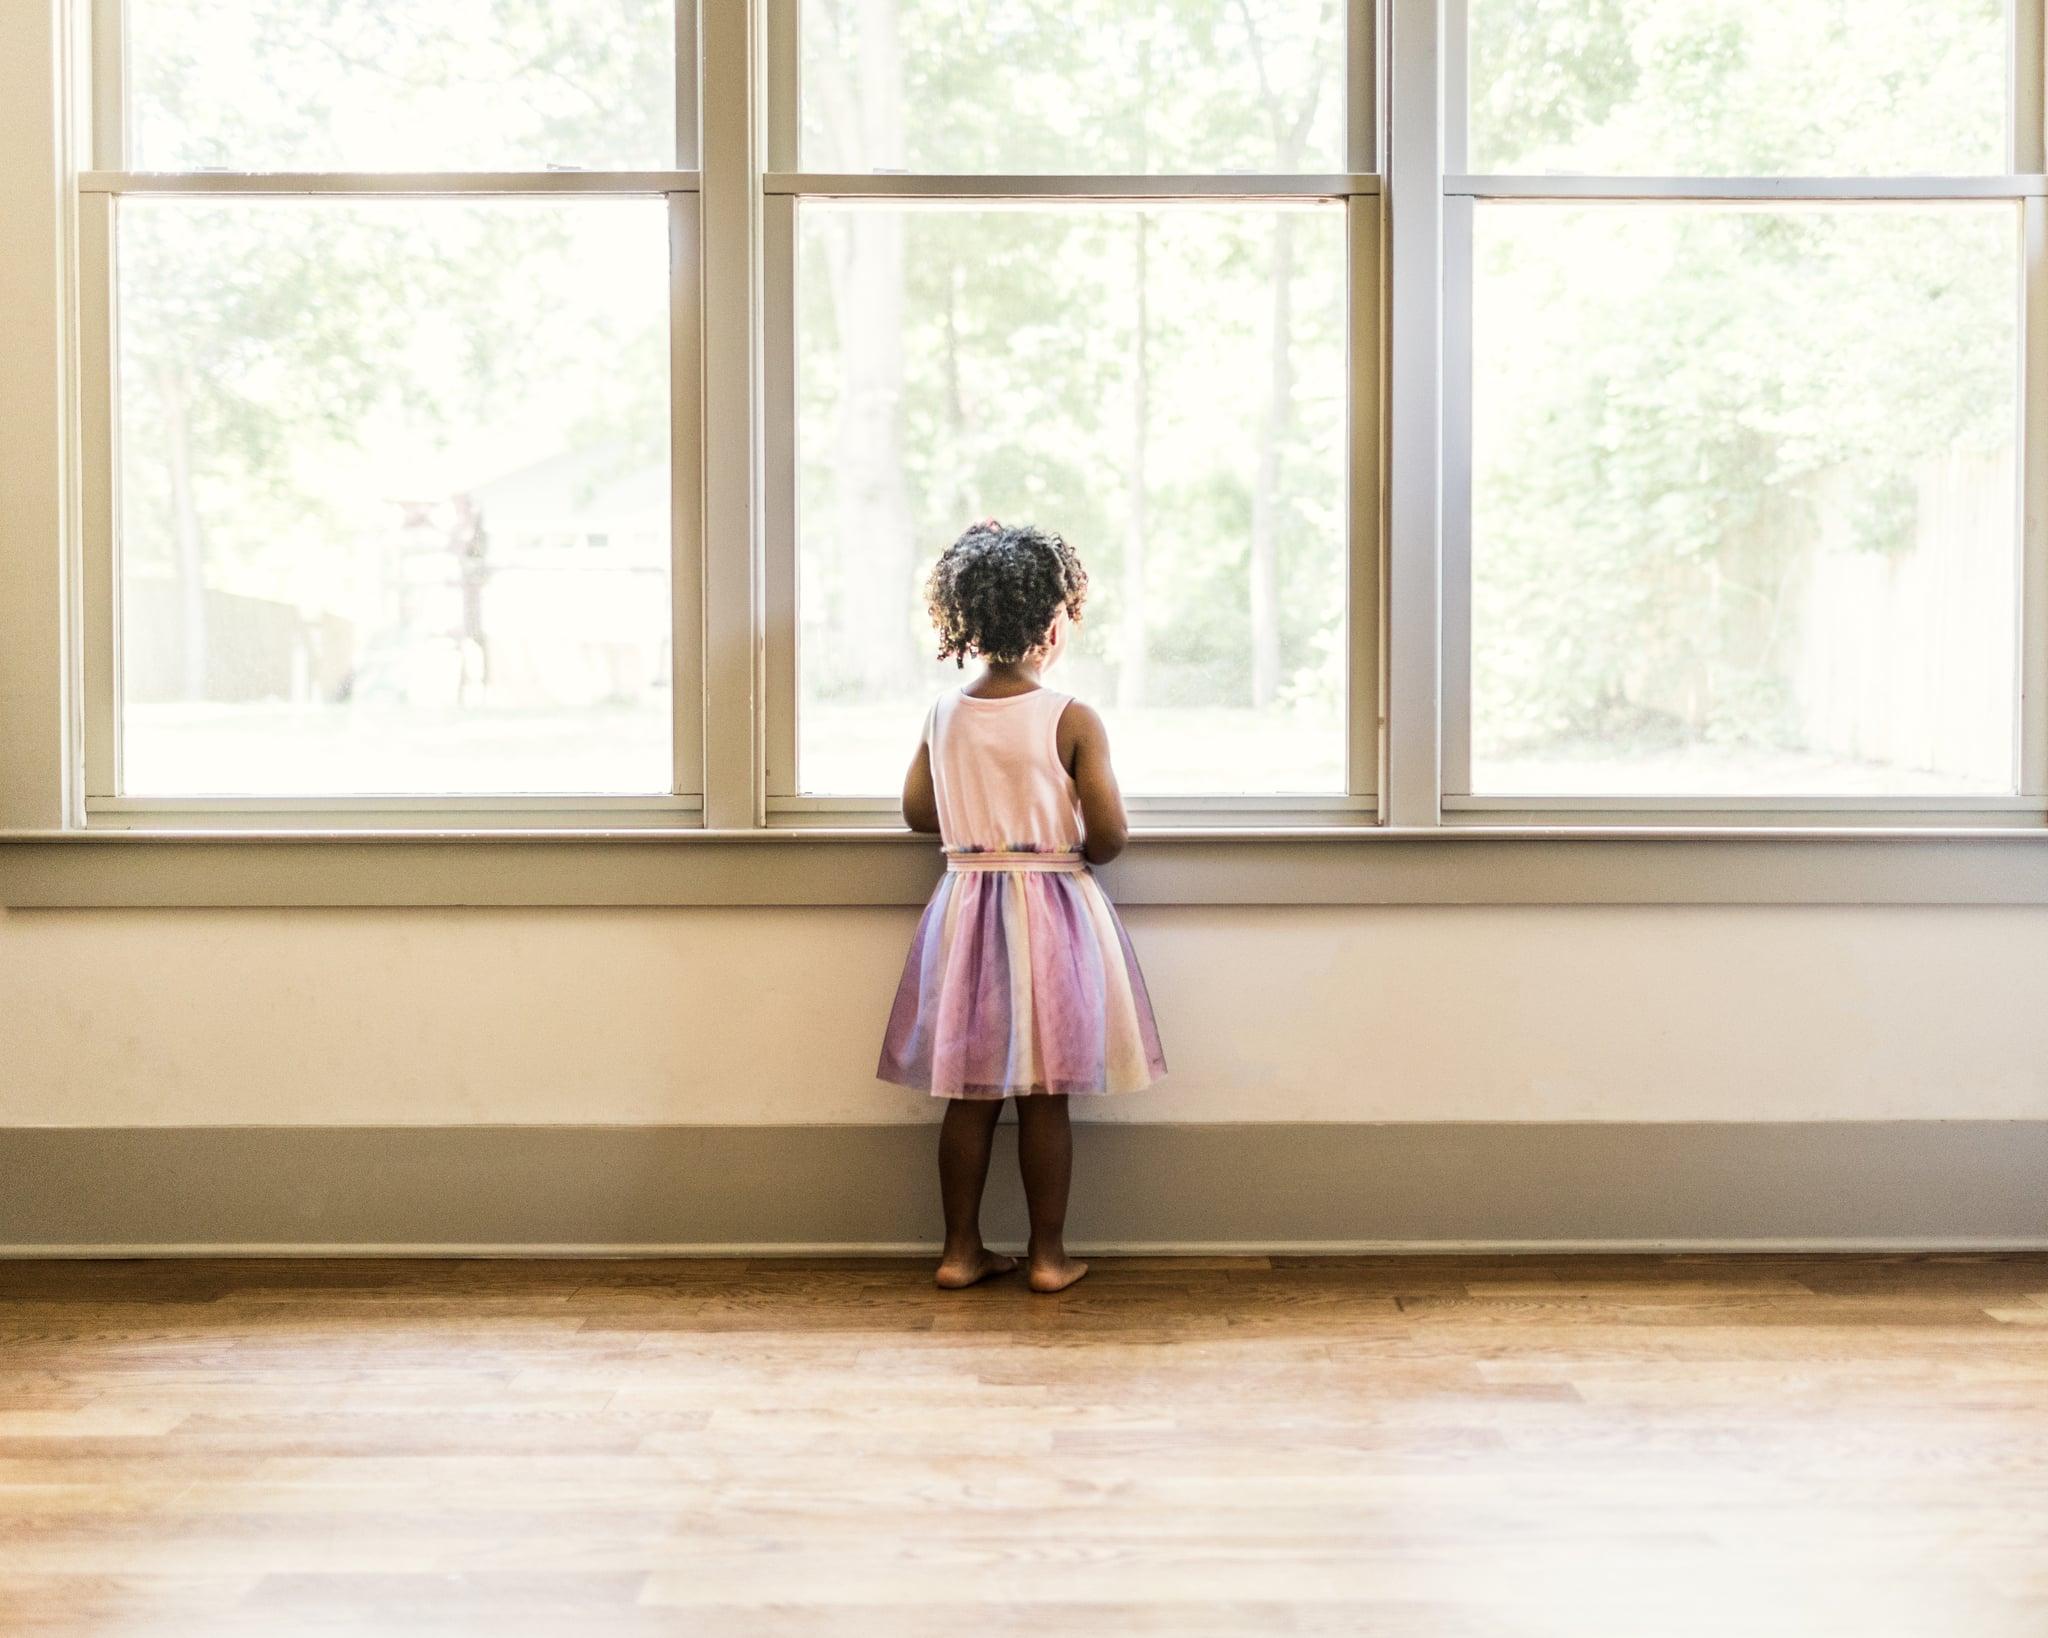 Portrait of preschool age girl looking out window